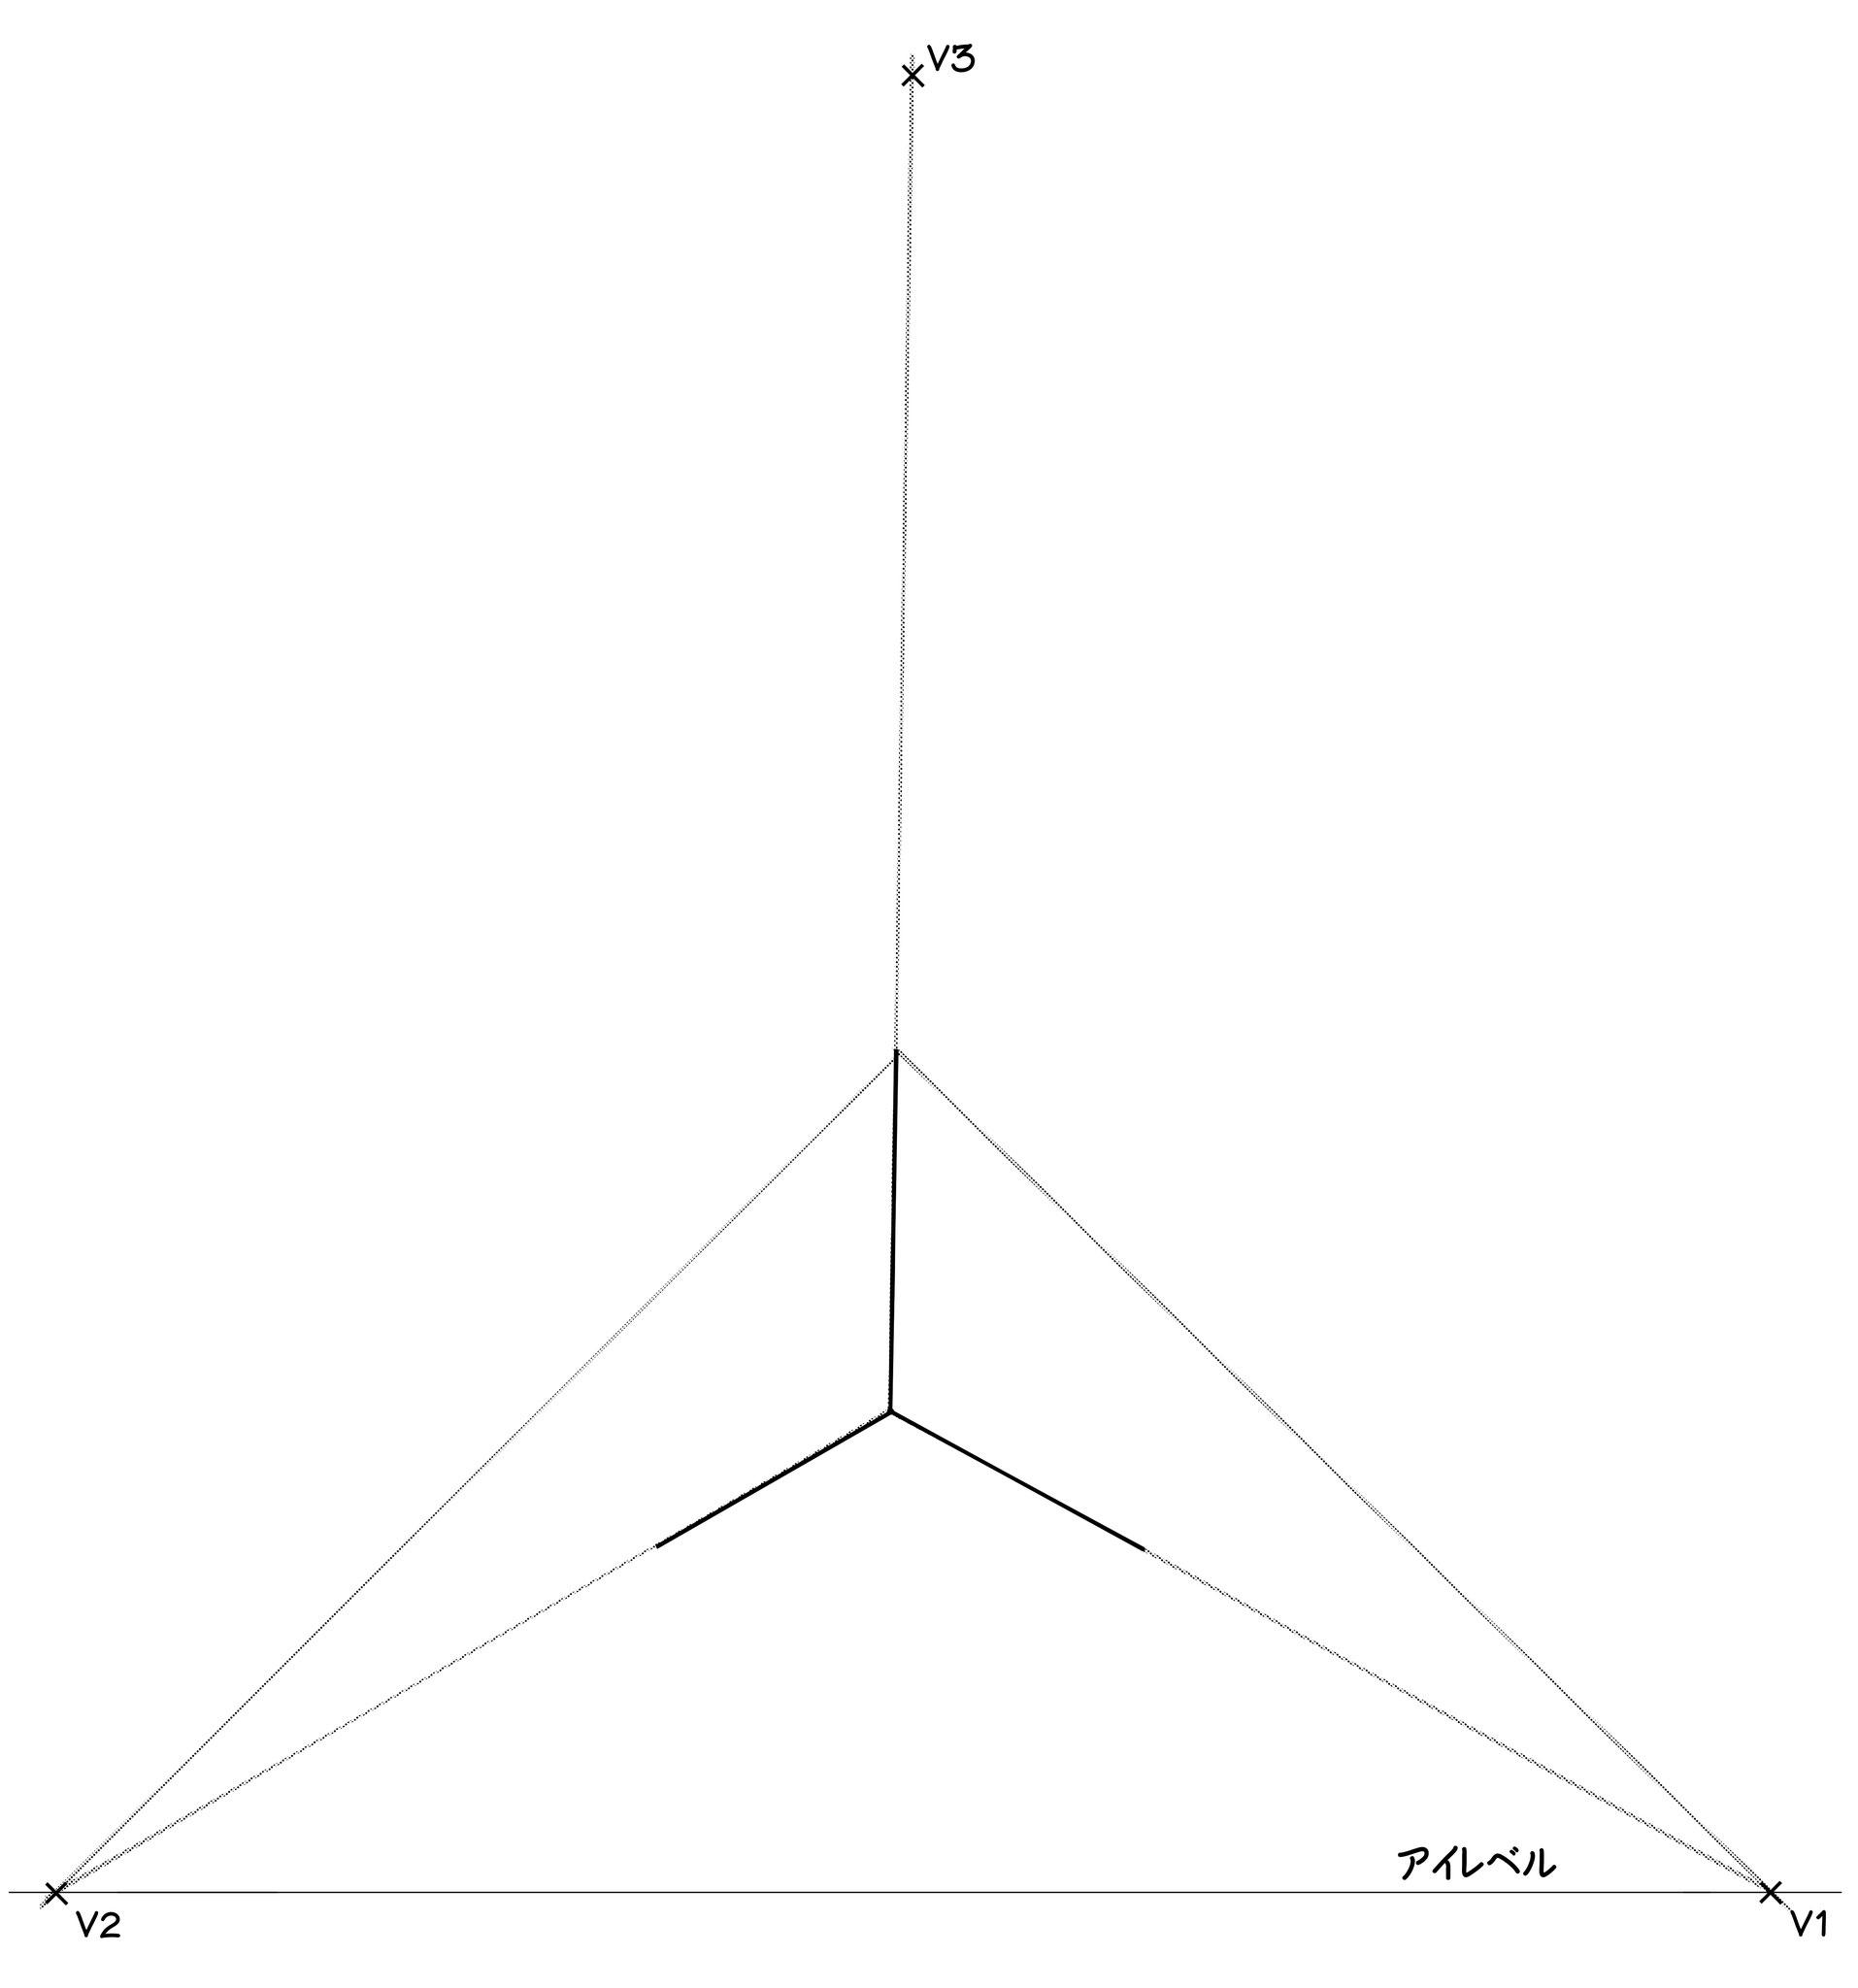 ⑥高さの辺の下端に縦の辺と横の辺を描き入れます。それぞれ妥当な長さをイメージして描きます